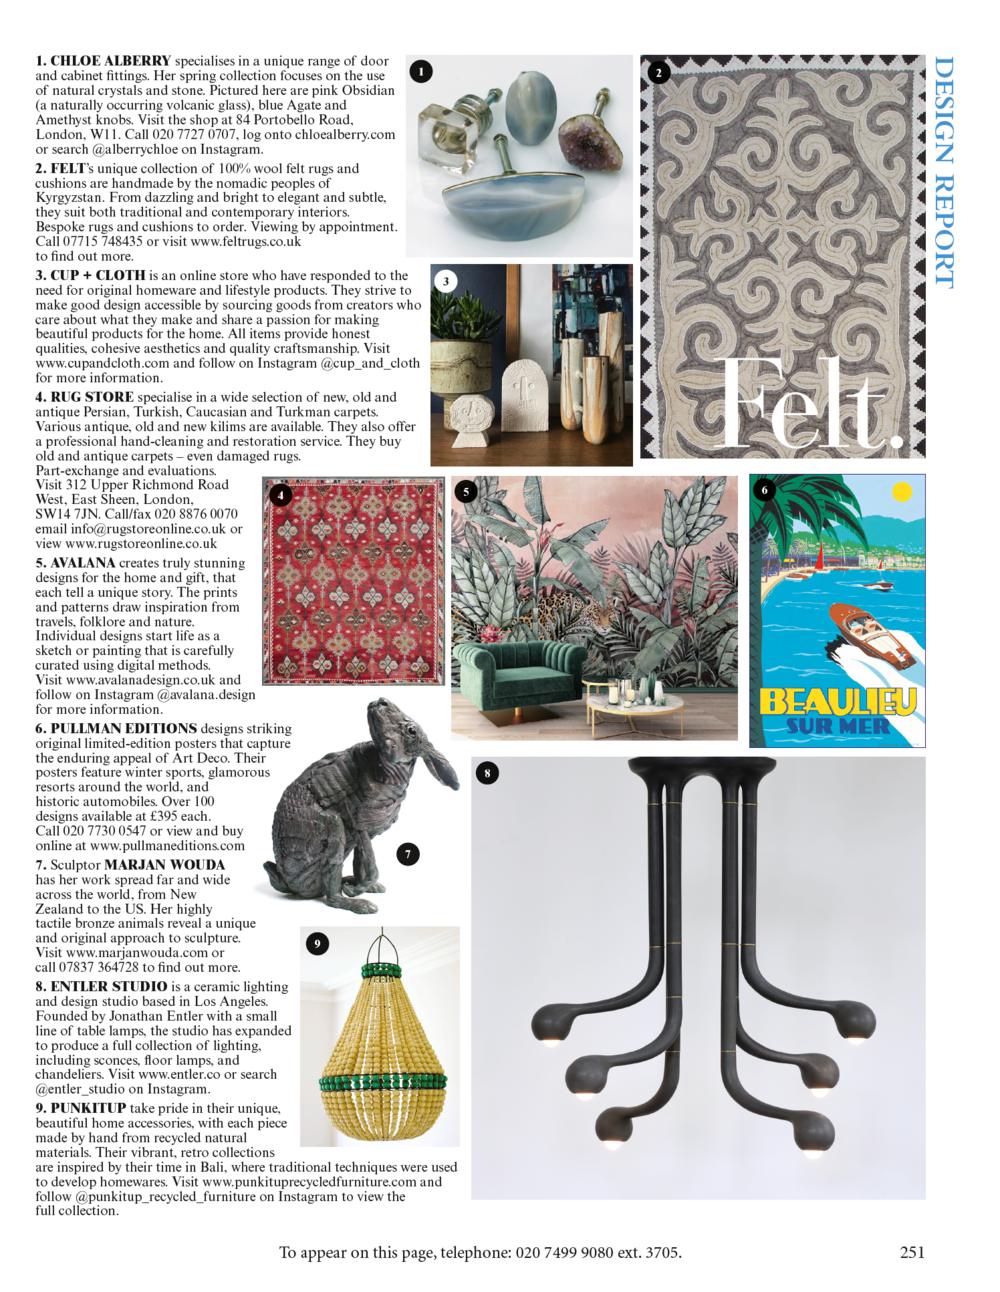 251 - Design Report.png